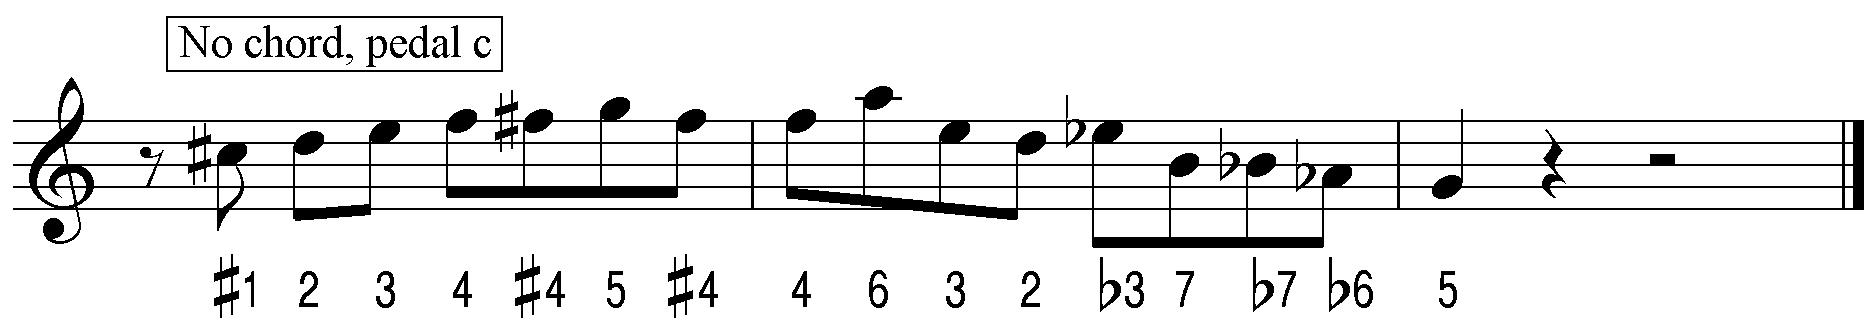 Jazzpattern IIm7 - V7 - IMaj7. Allgemeine Form mit Intervallen zum Bezugston c.